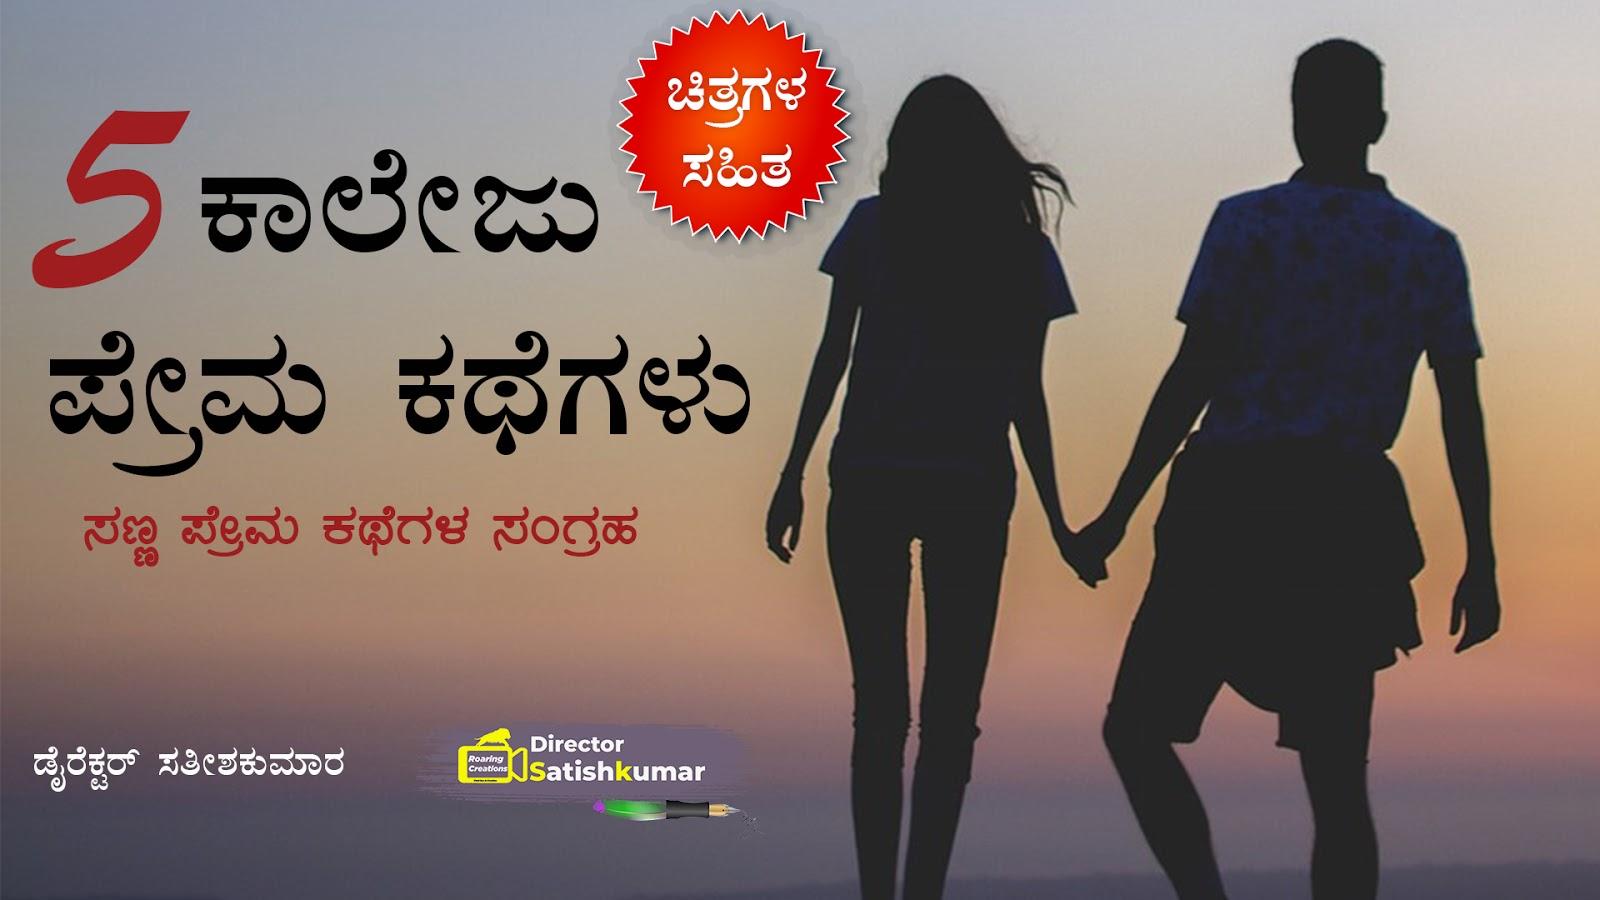 5 ಕಾಲೇಜ ಪ್ರೇಮ ಕಥೆಗಳು - ಸಣ್ಣ ಪ್ರೇಮ ಕಥೆಗಳ ಸಂಗ್ರಹ College Love Stories - Collection Small Love Stories  - ಕನ್ನಡ ಕಥೆ ಪುಸ್ತಕಗಳು - Kannada Story Books -  E Books Kannada - Kannada Books